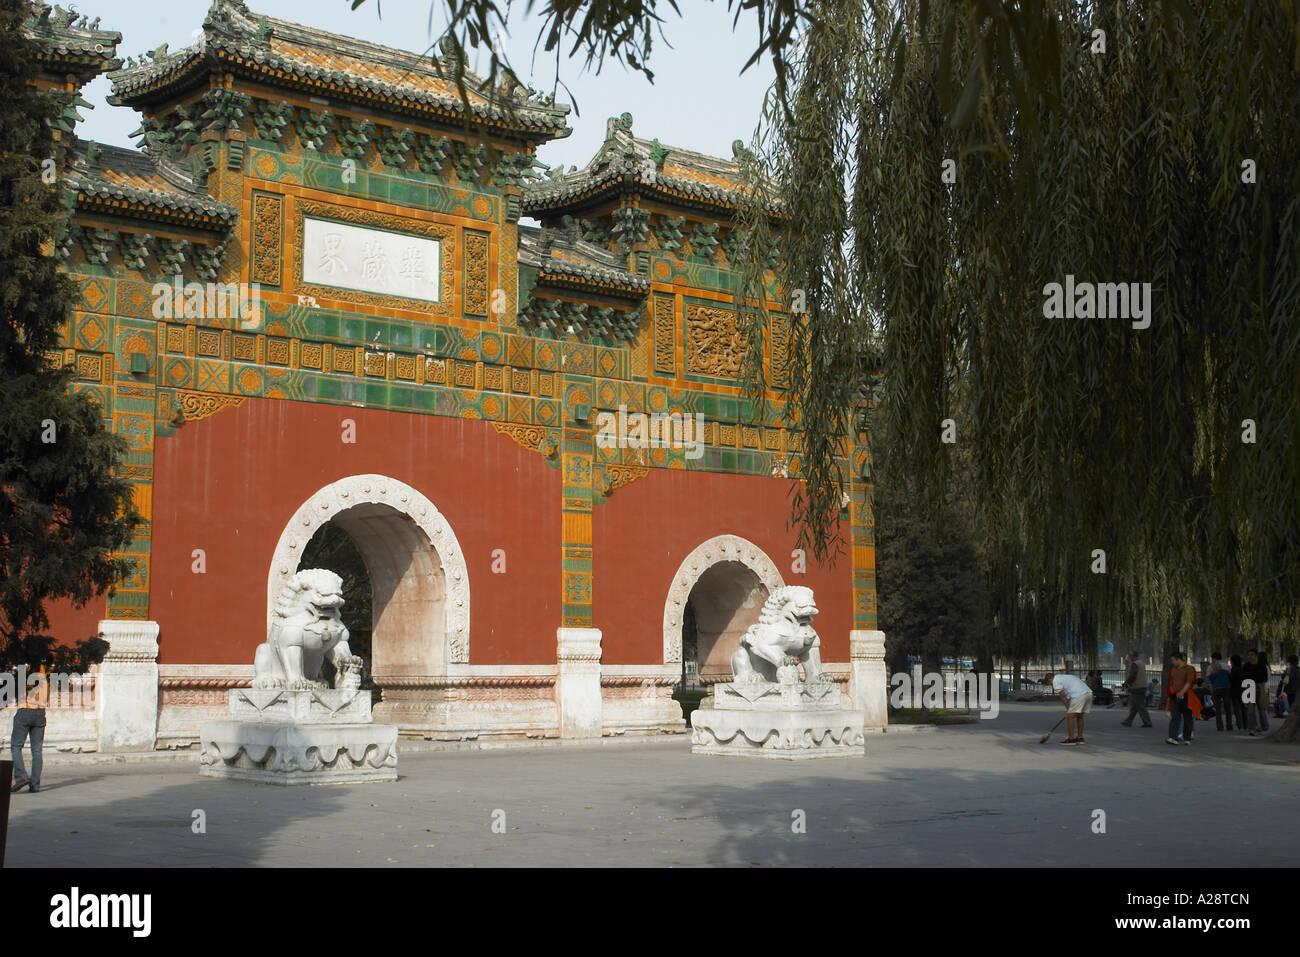 Xiao Xi Tain at Beihai Gongyuan in Beijing China - Stock Image